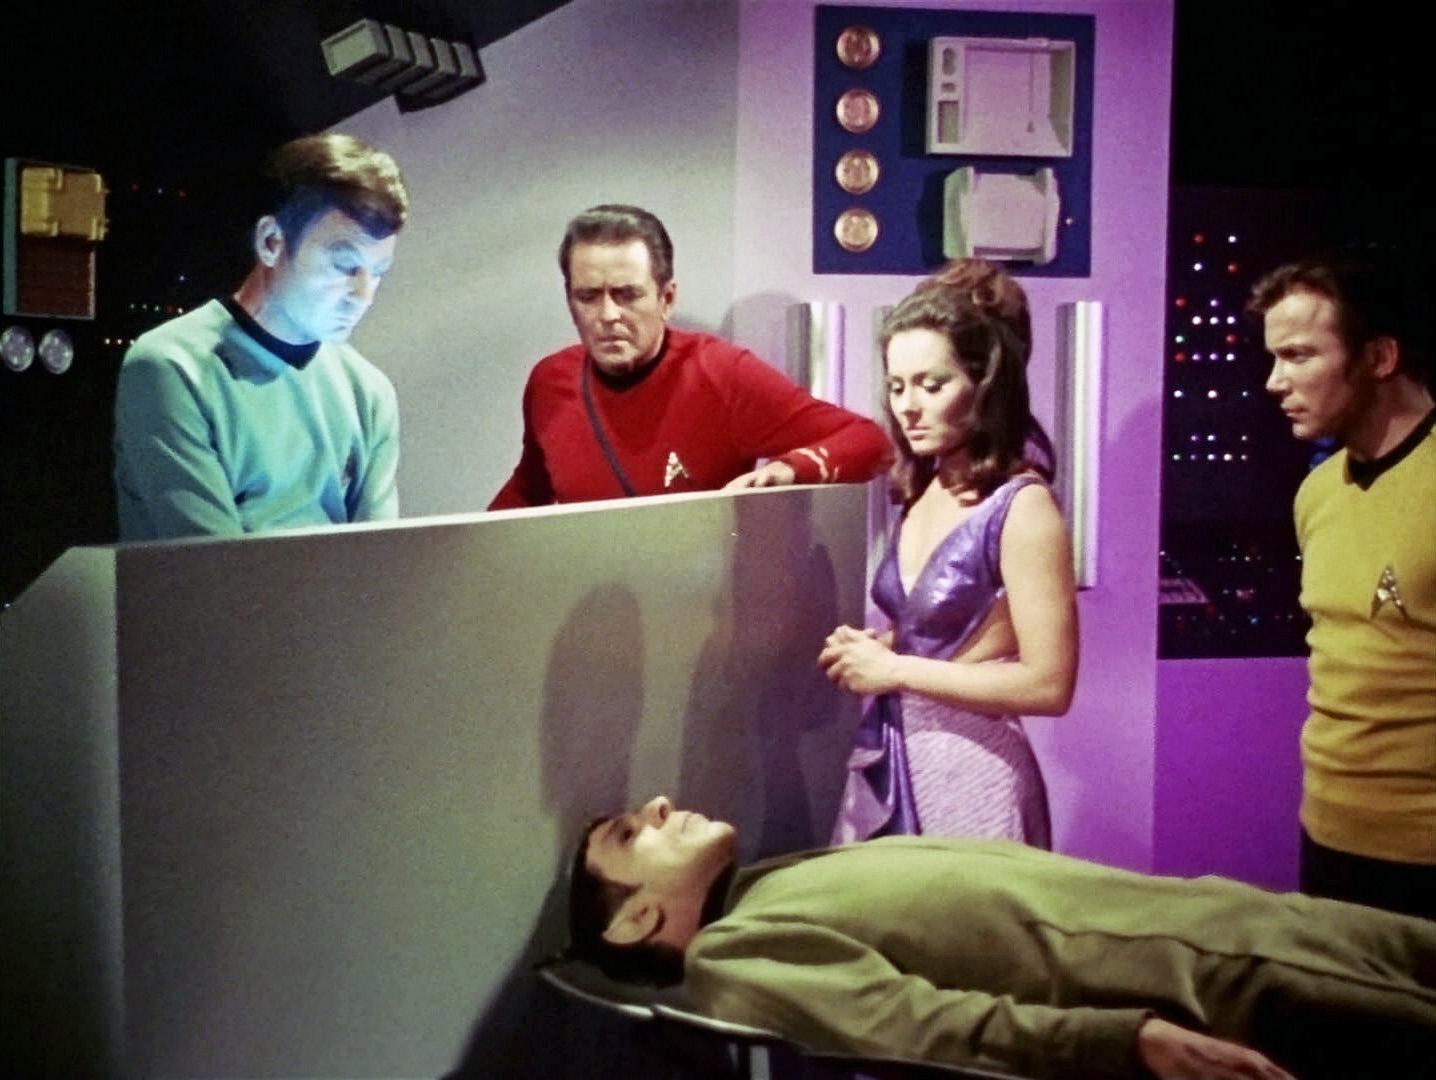 File:Spocksbrain.jpg